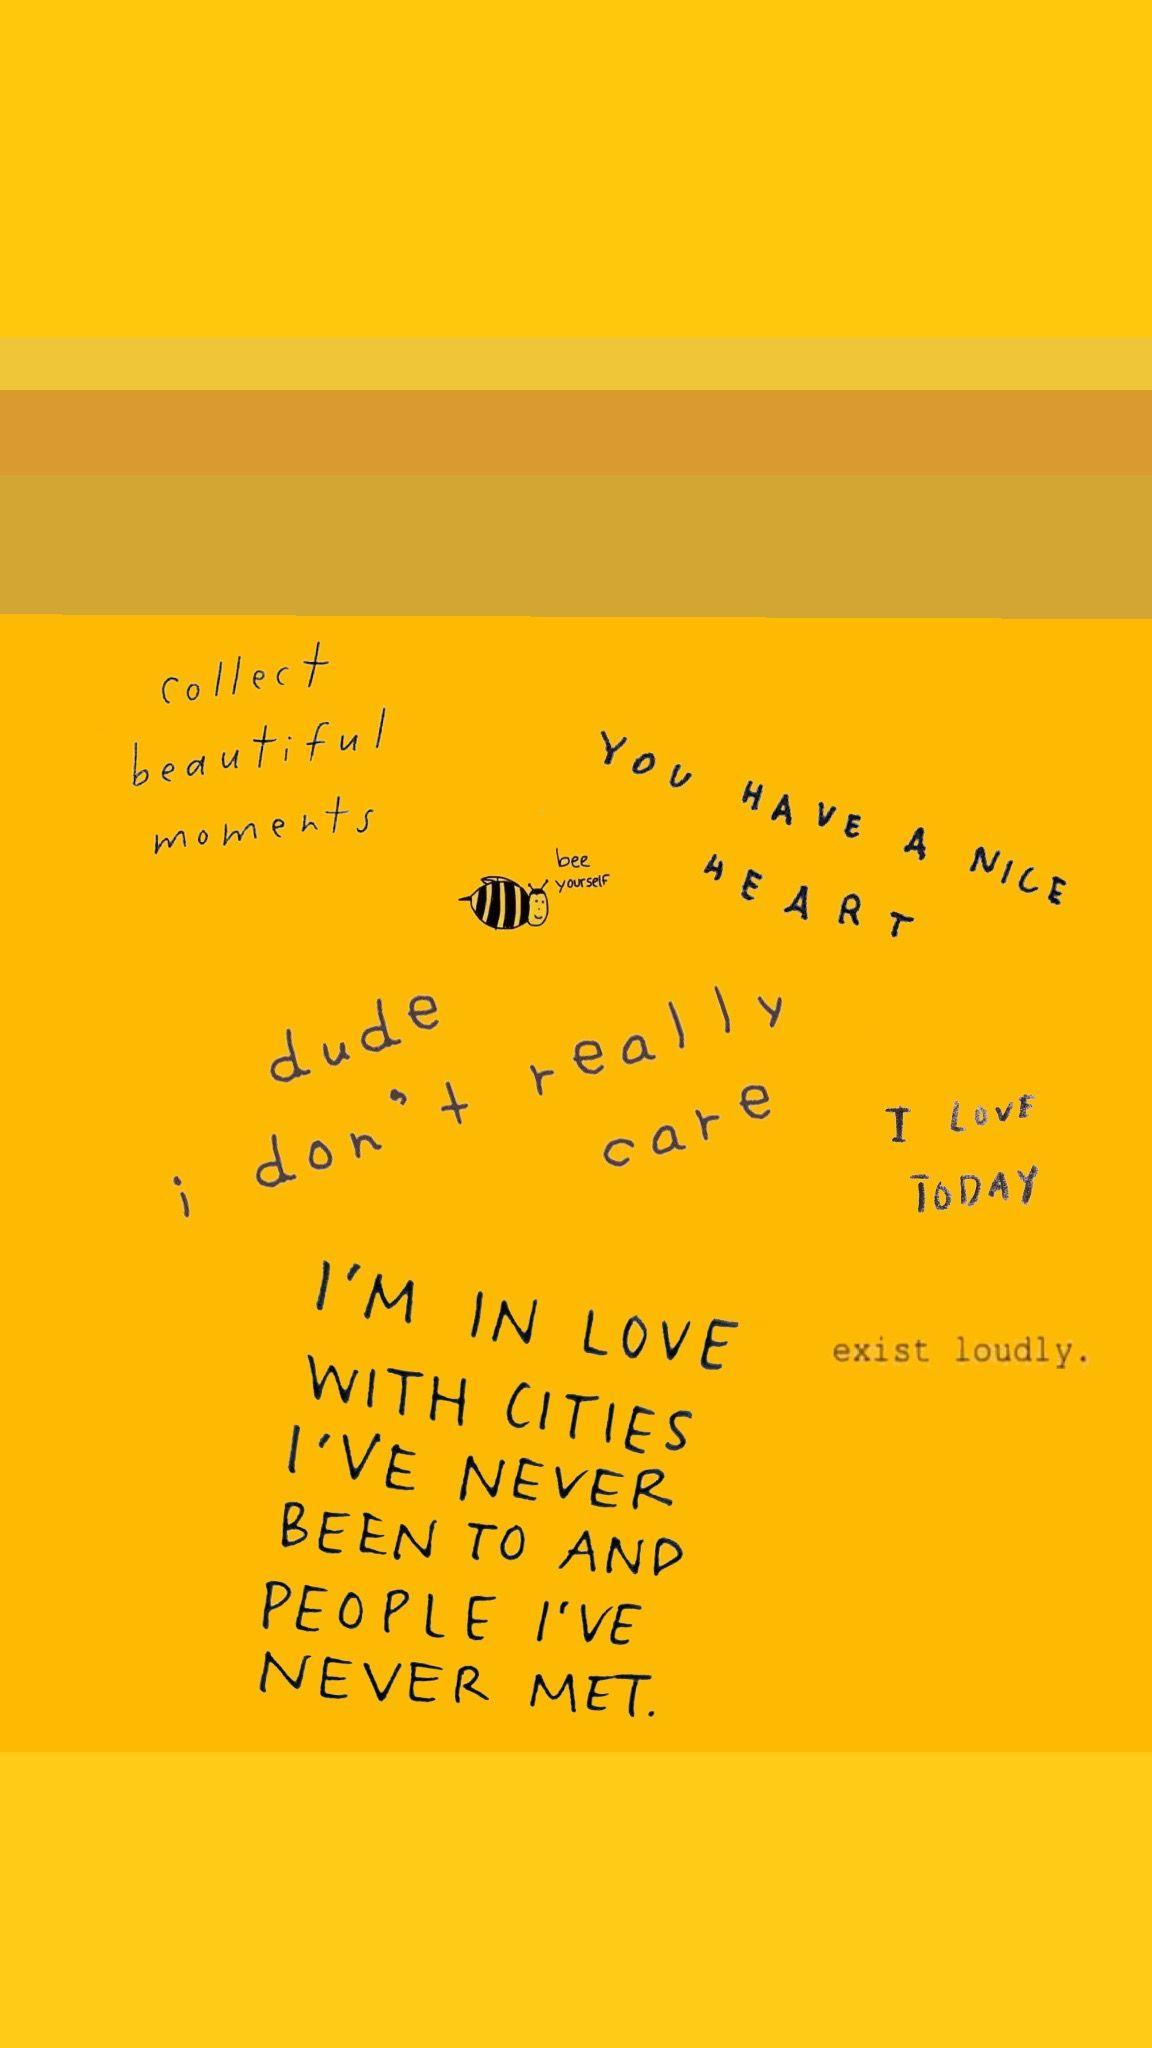 Yellow Aesthetic Wallpaper Iphone Quotes Gambar Dinding Gambar Kata Kata